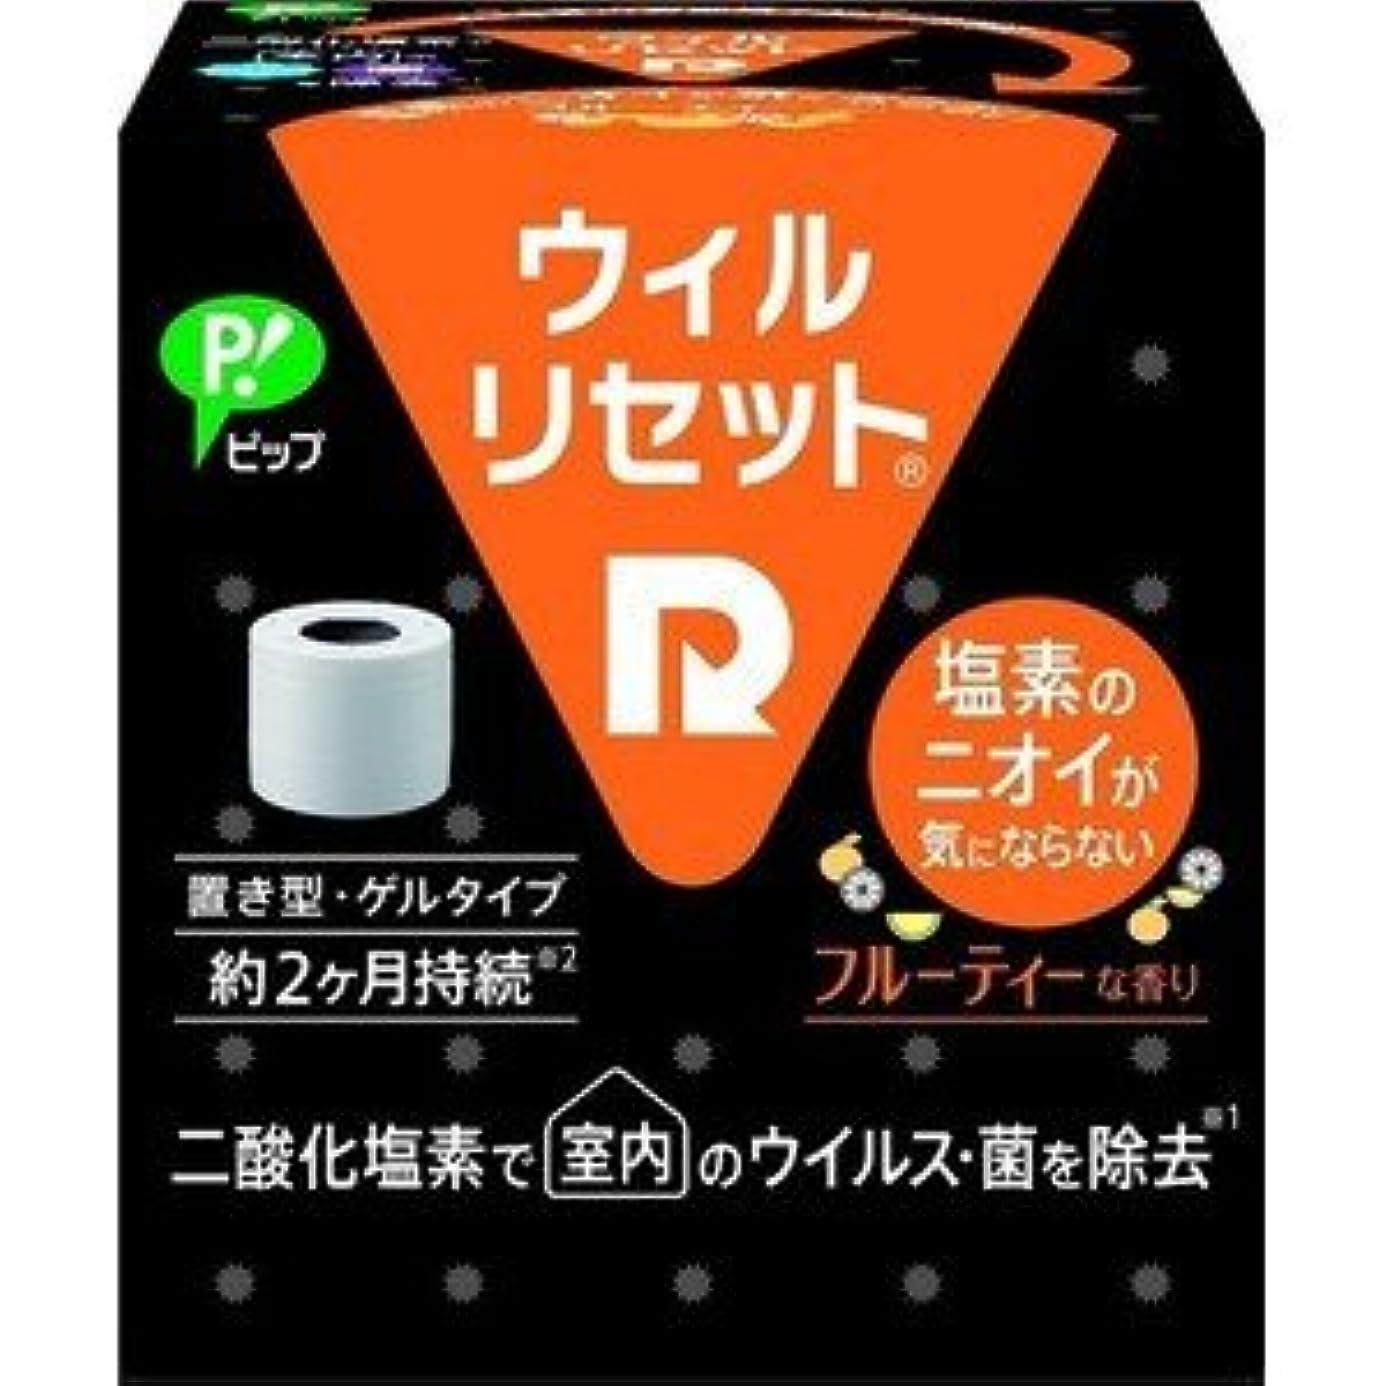 機関グリルナインへウィルリセット フルーティーな香り 置き型ゲルタイプ 約2ヶ月持続 ピップ